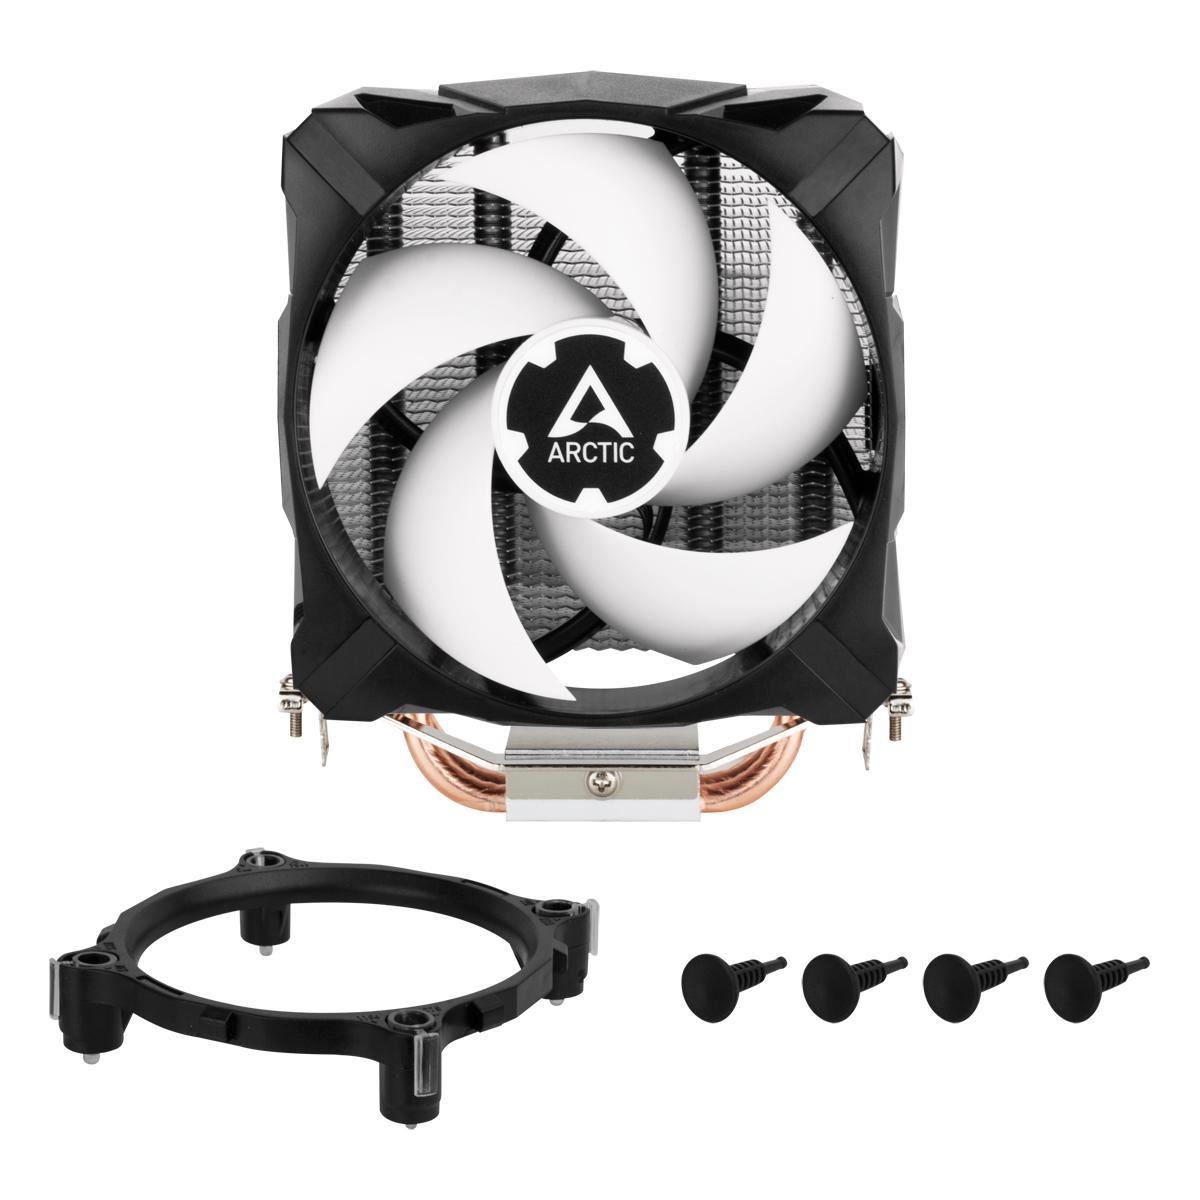 ARCTIC Freezer 7 X CPU Cooler